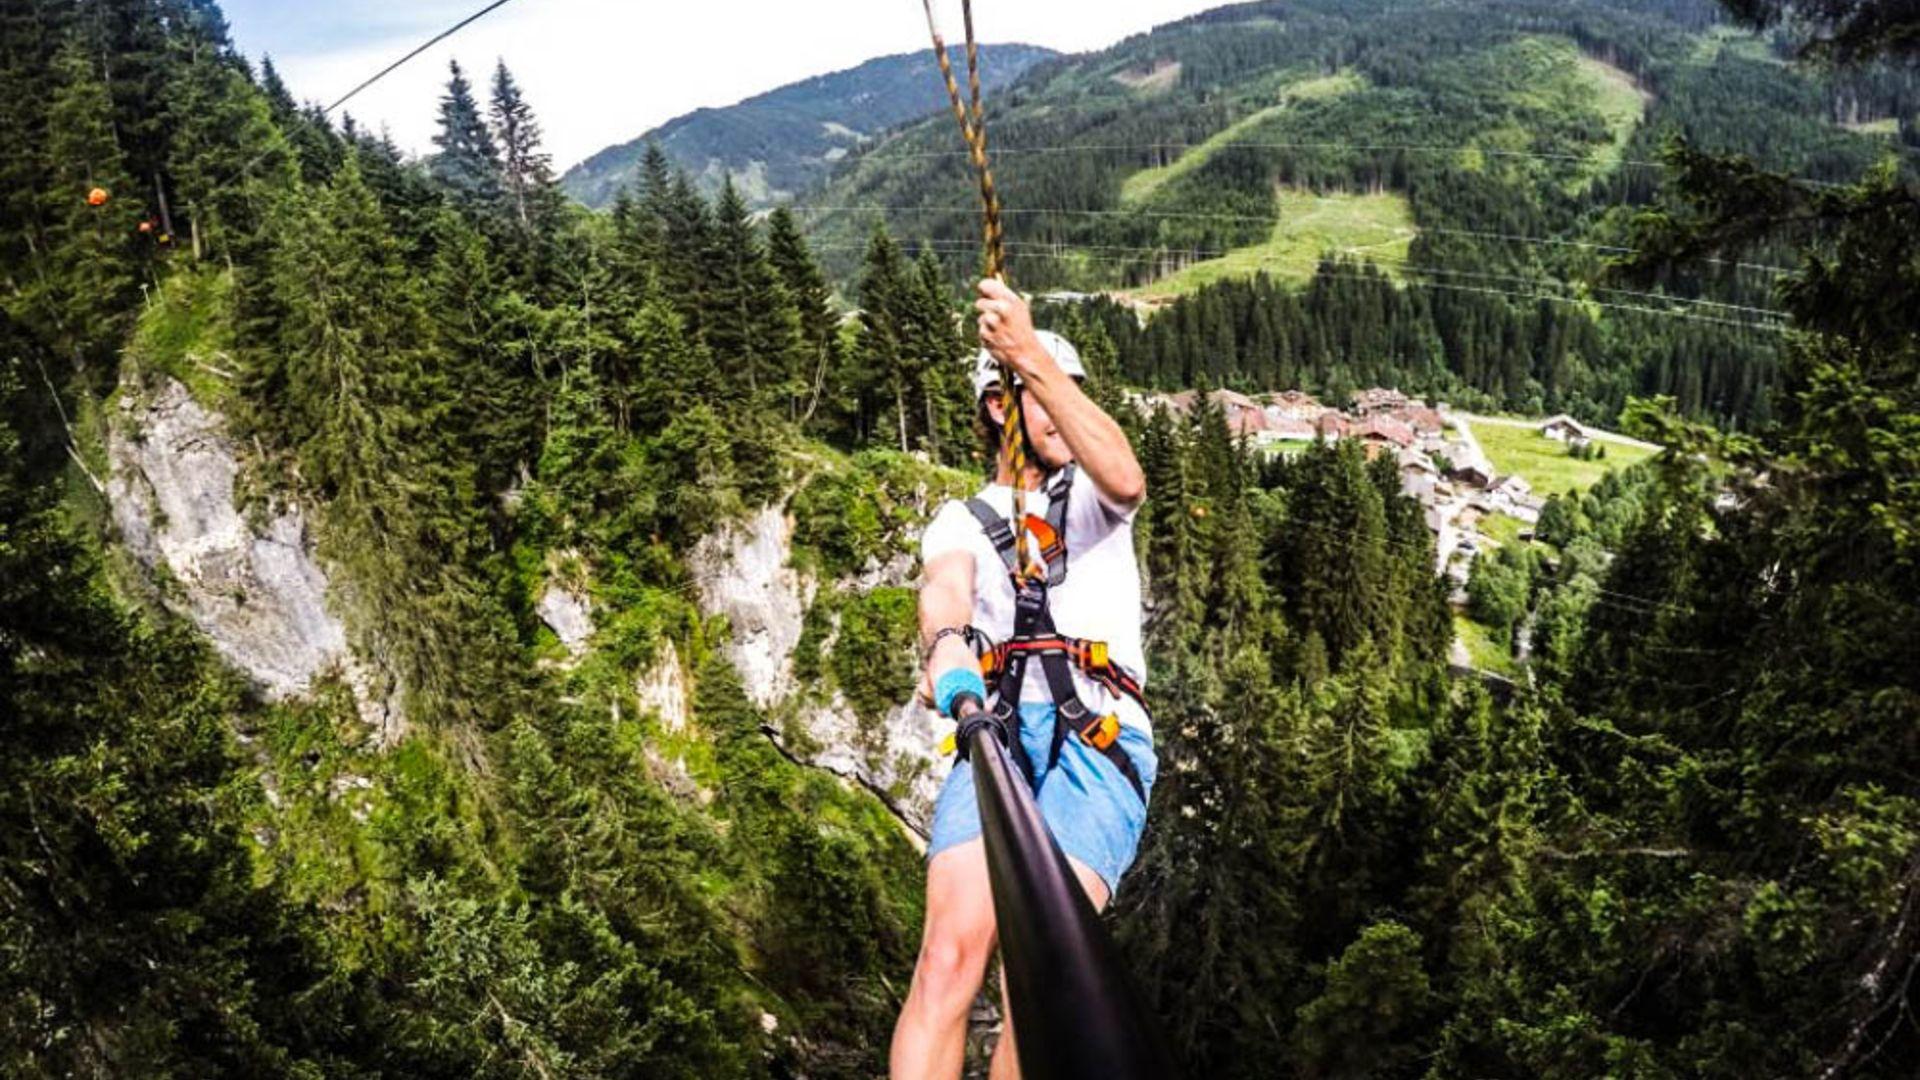 Klettersteig Talbach : Klettern klettersteige via ferrata bouldern klettertouren im